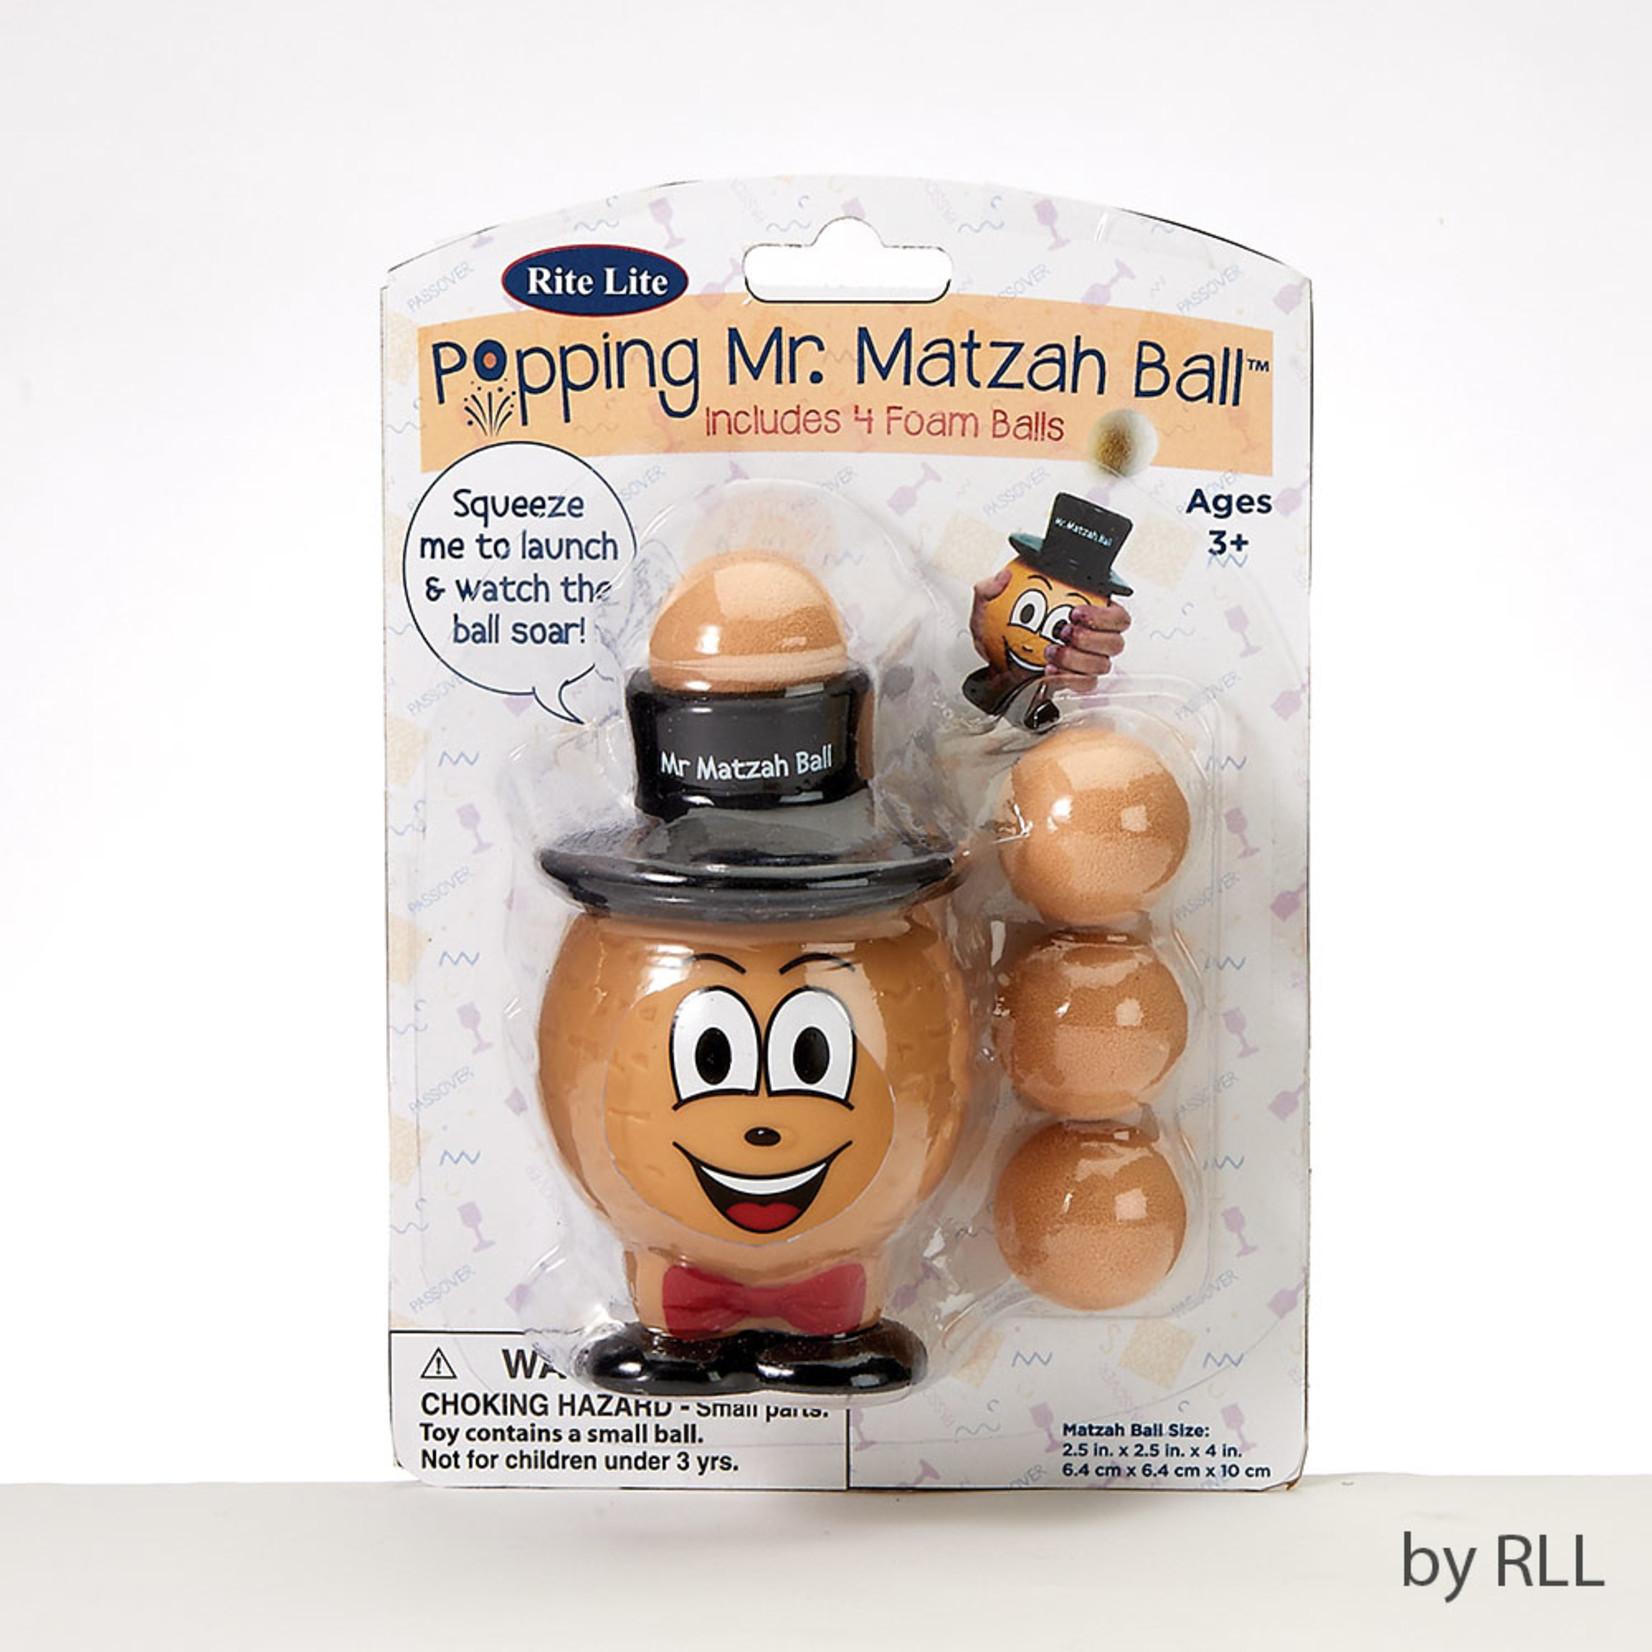 Popping Mr Matzah Ball